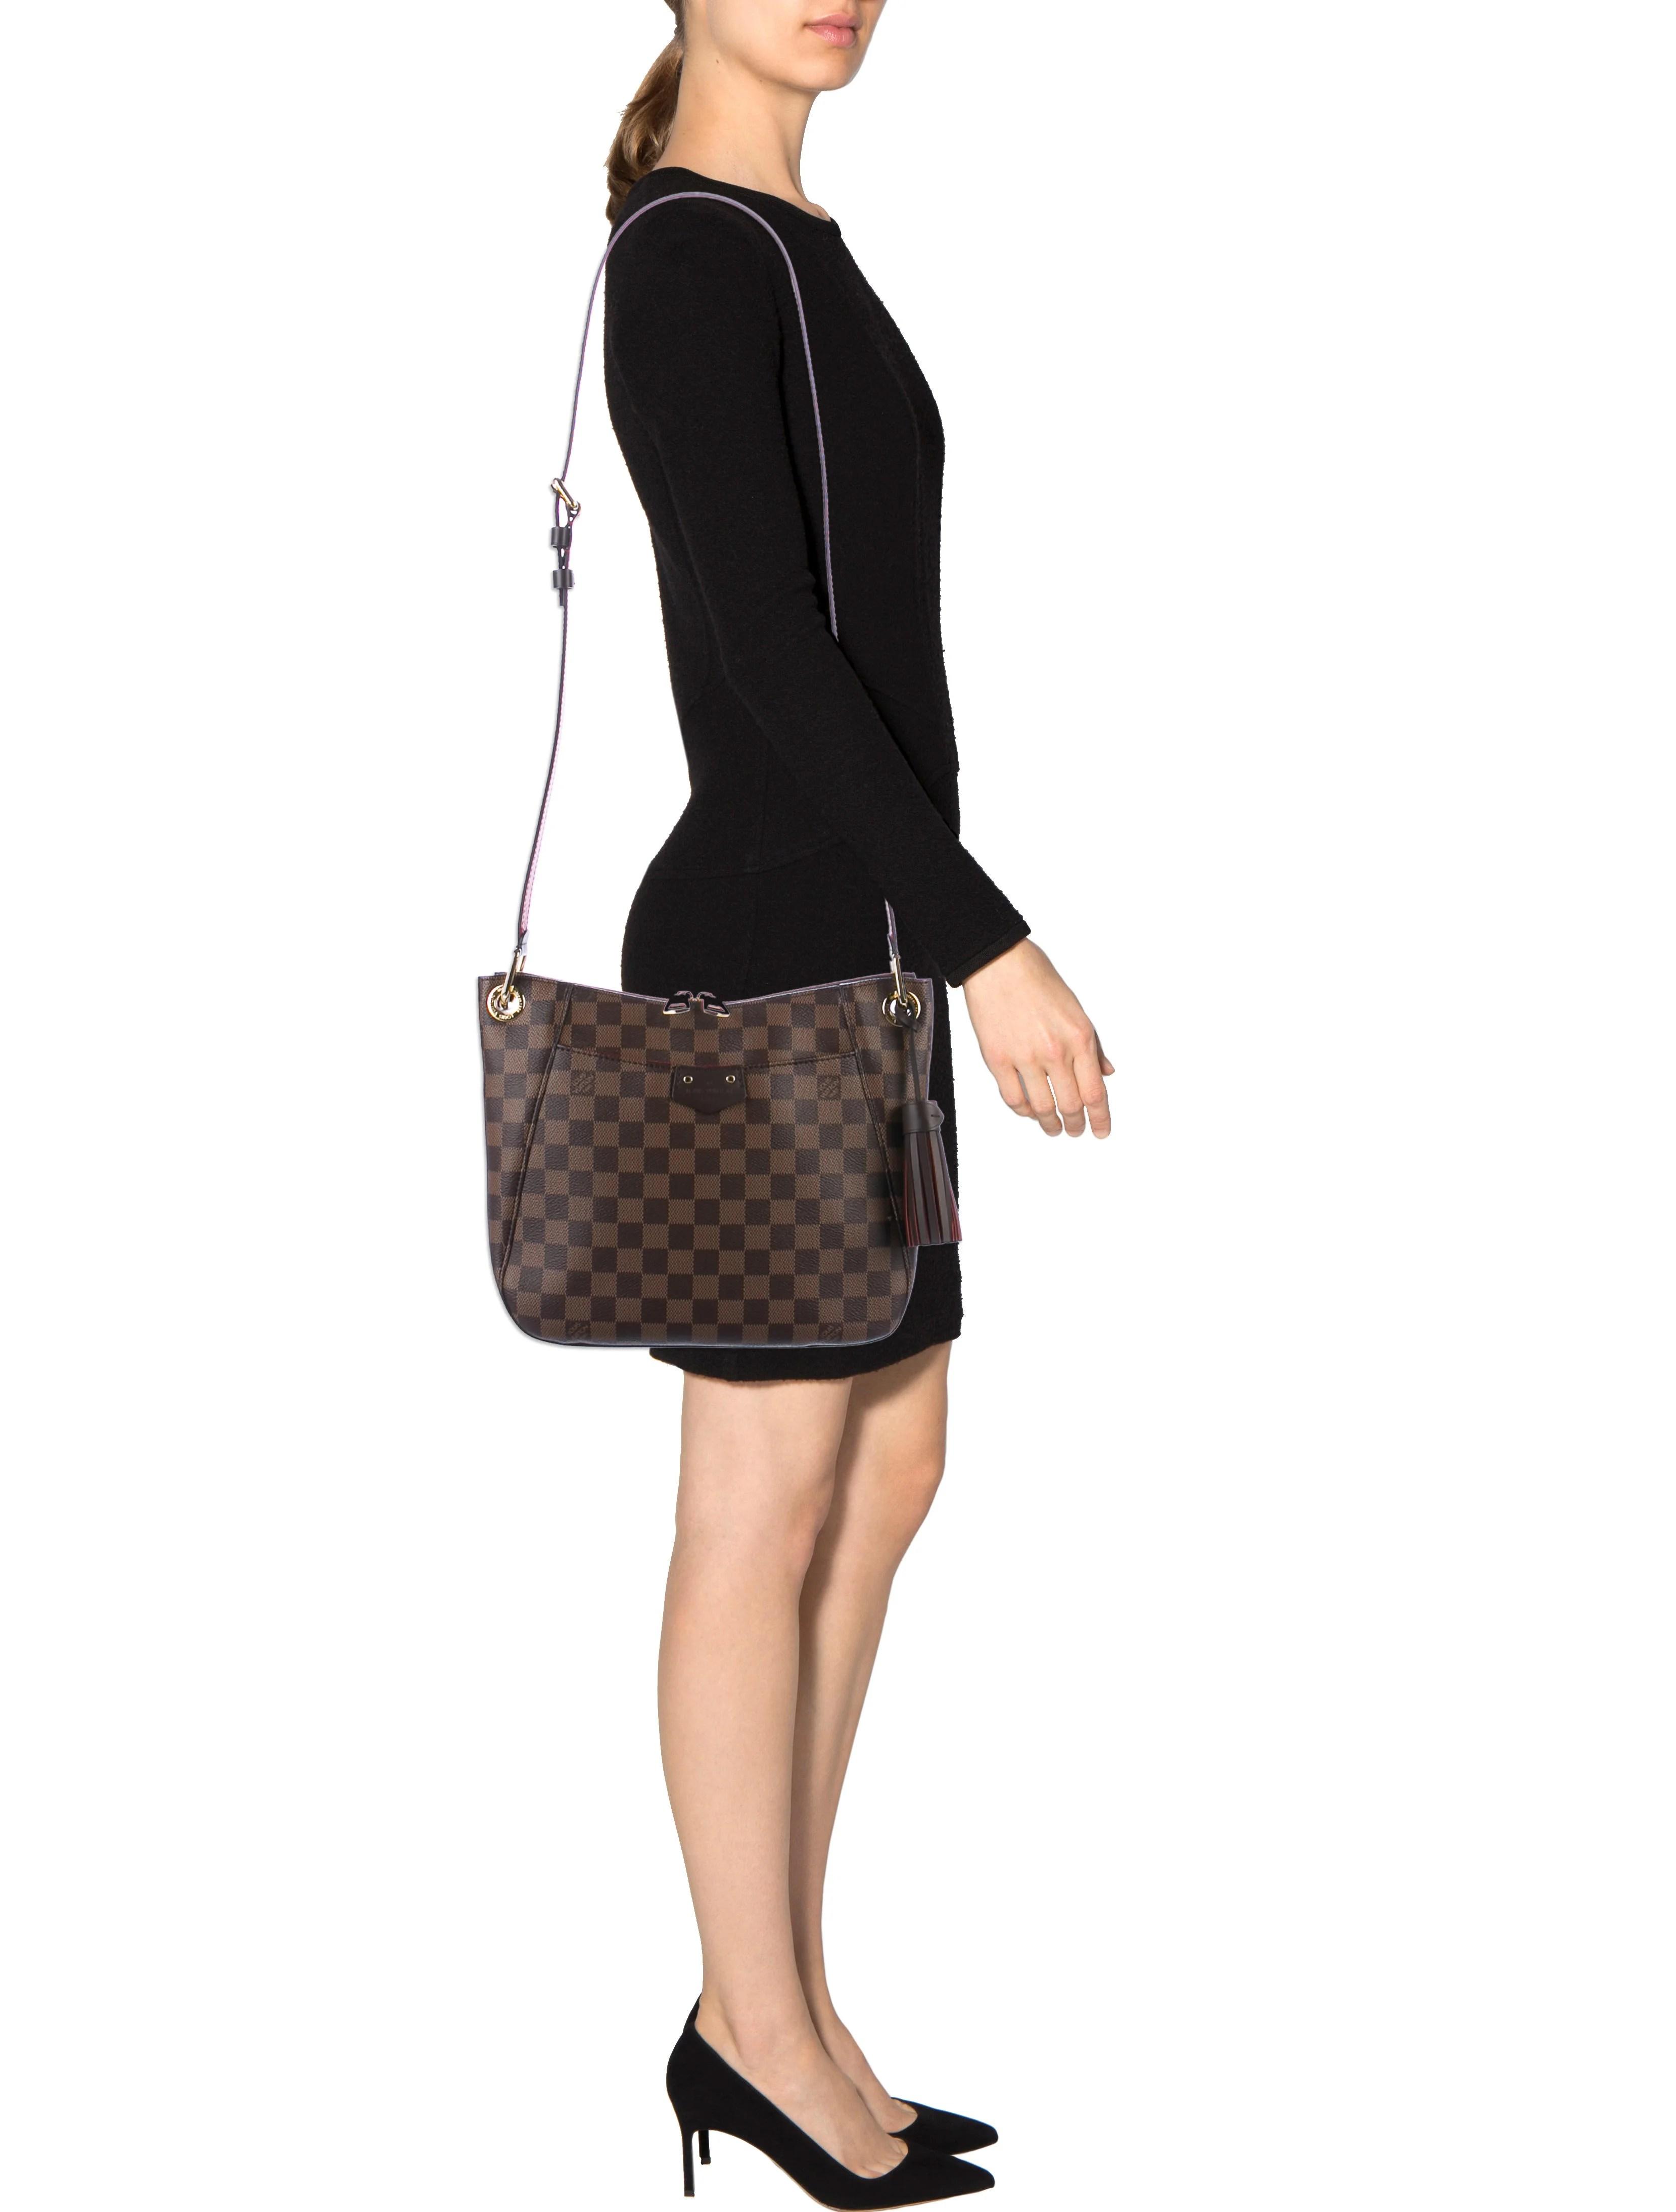 Kate Spade Penny Shoulder Bag